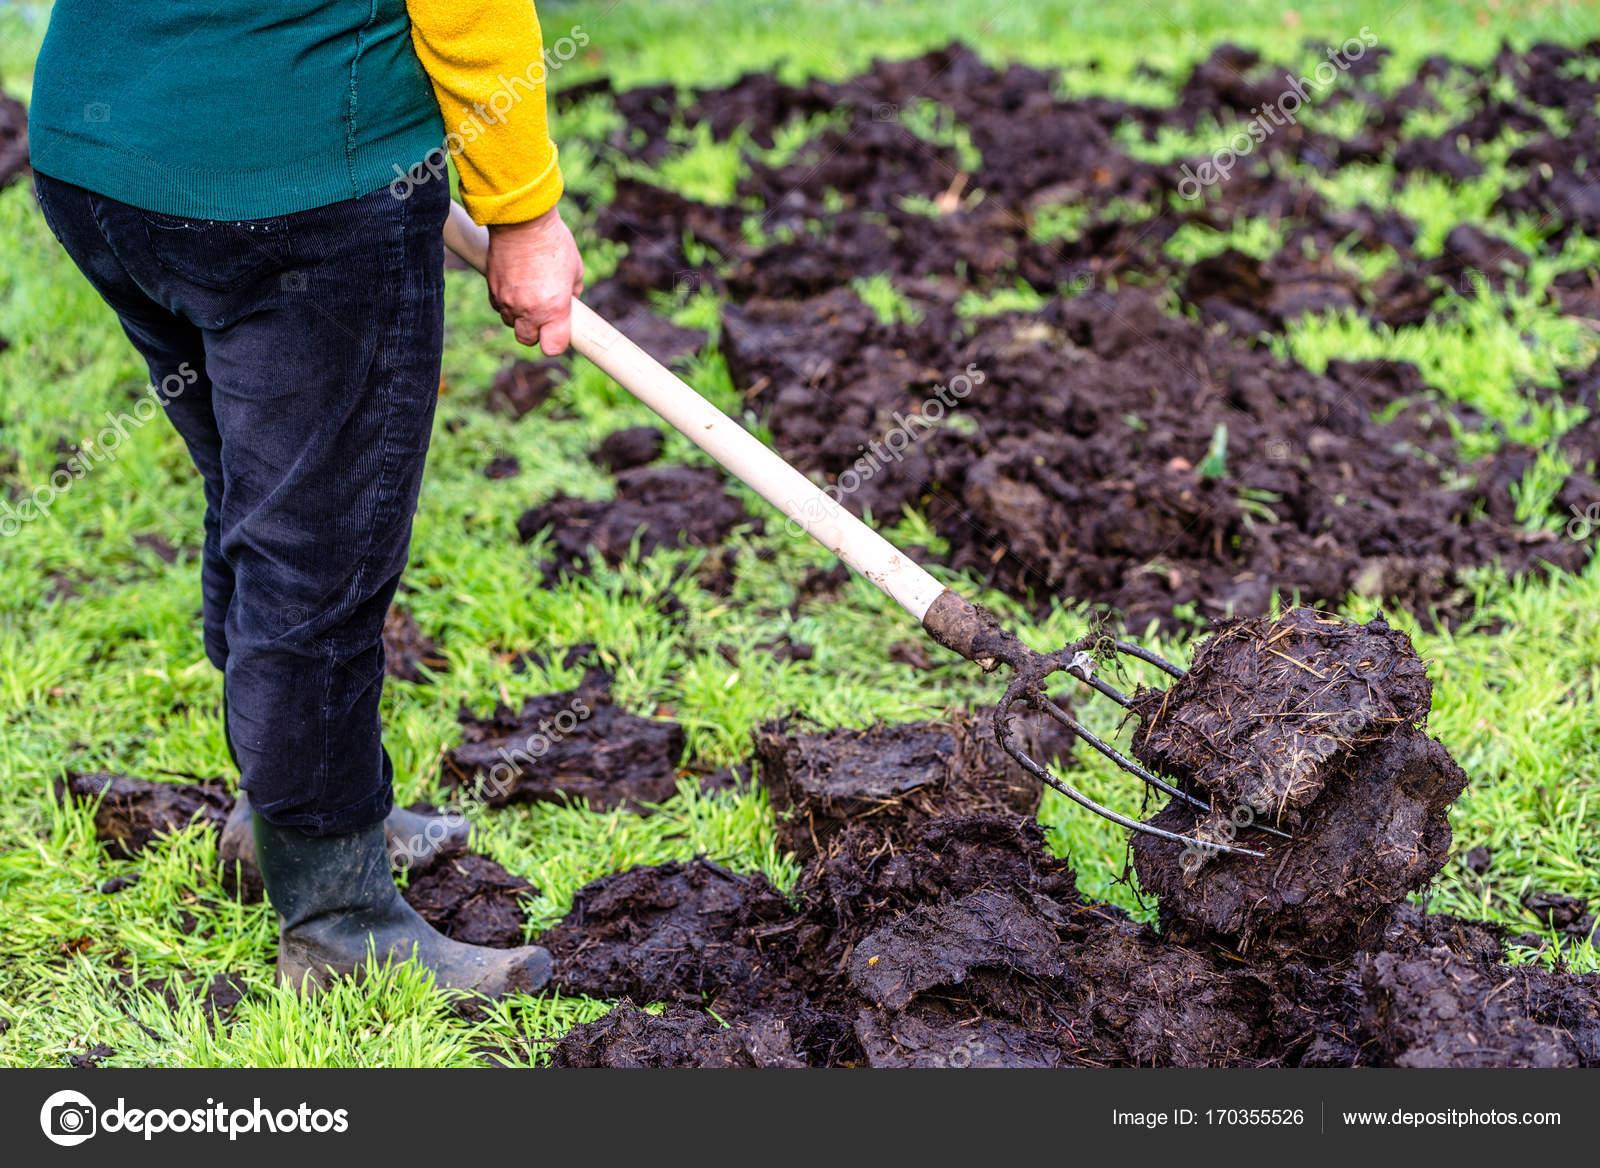 landwirt auf hof arbeiten. organischer dünger für düngung boden